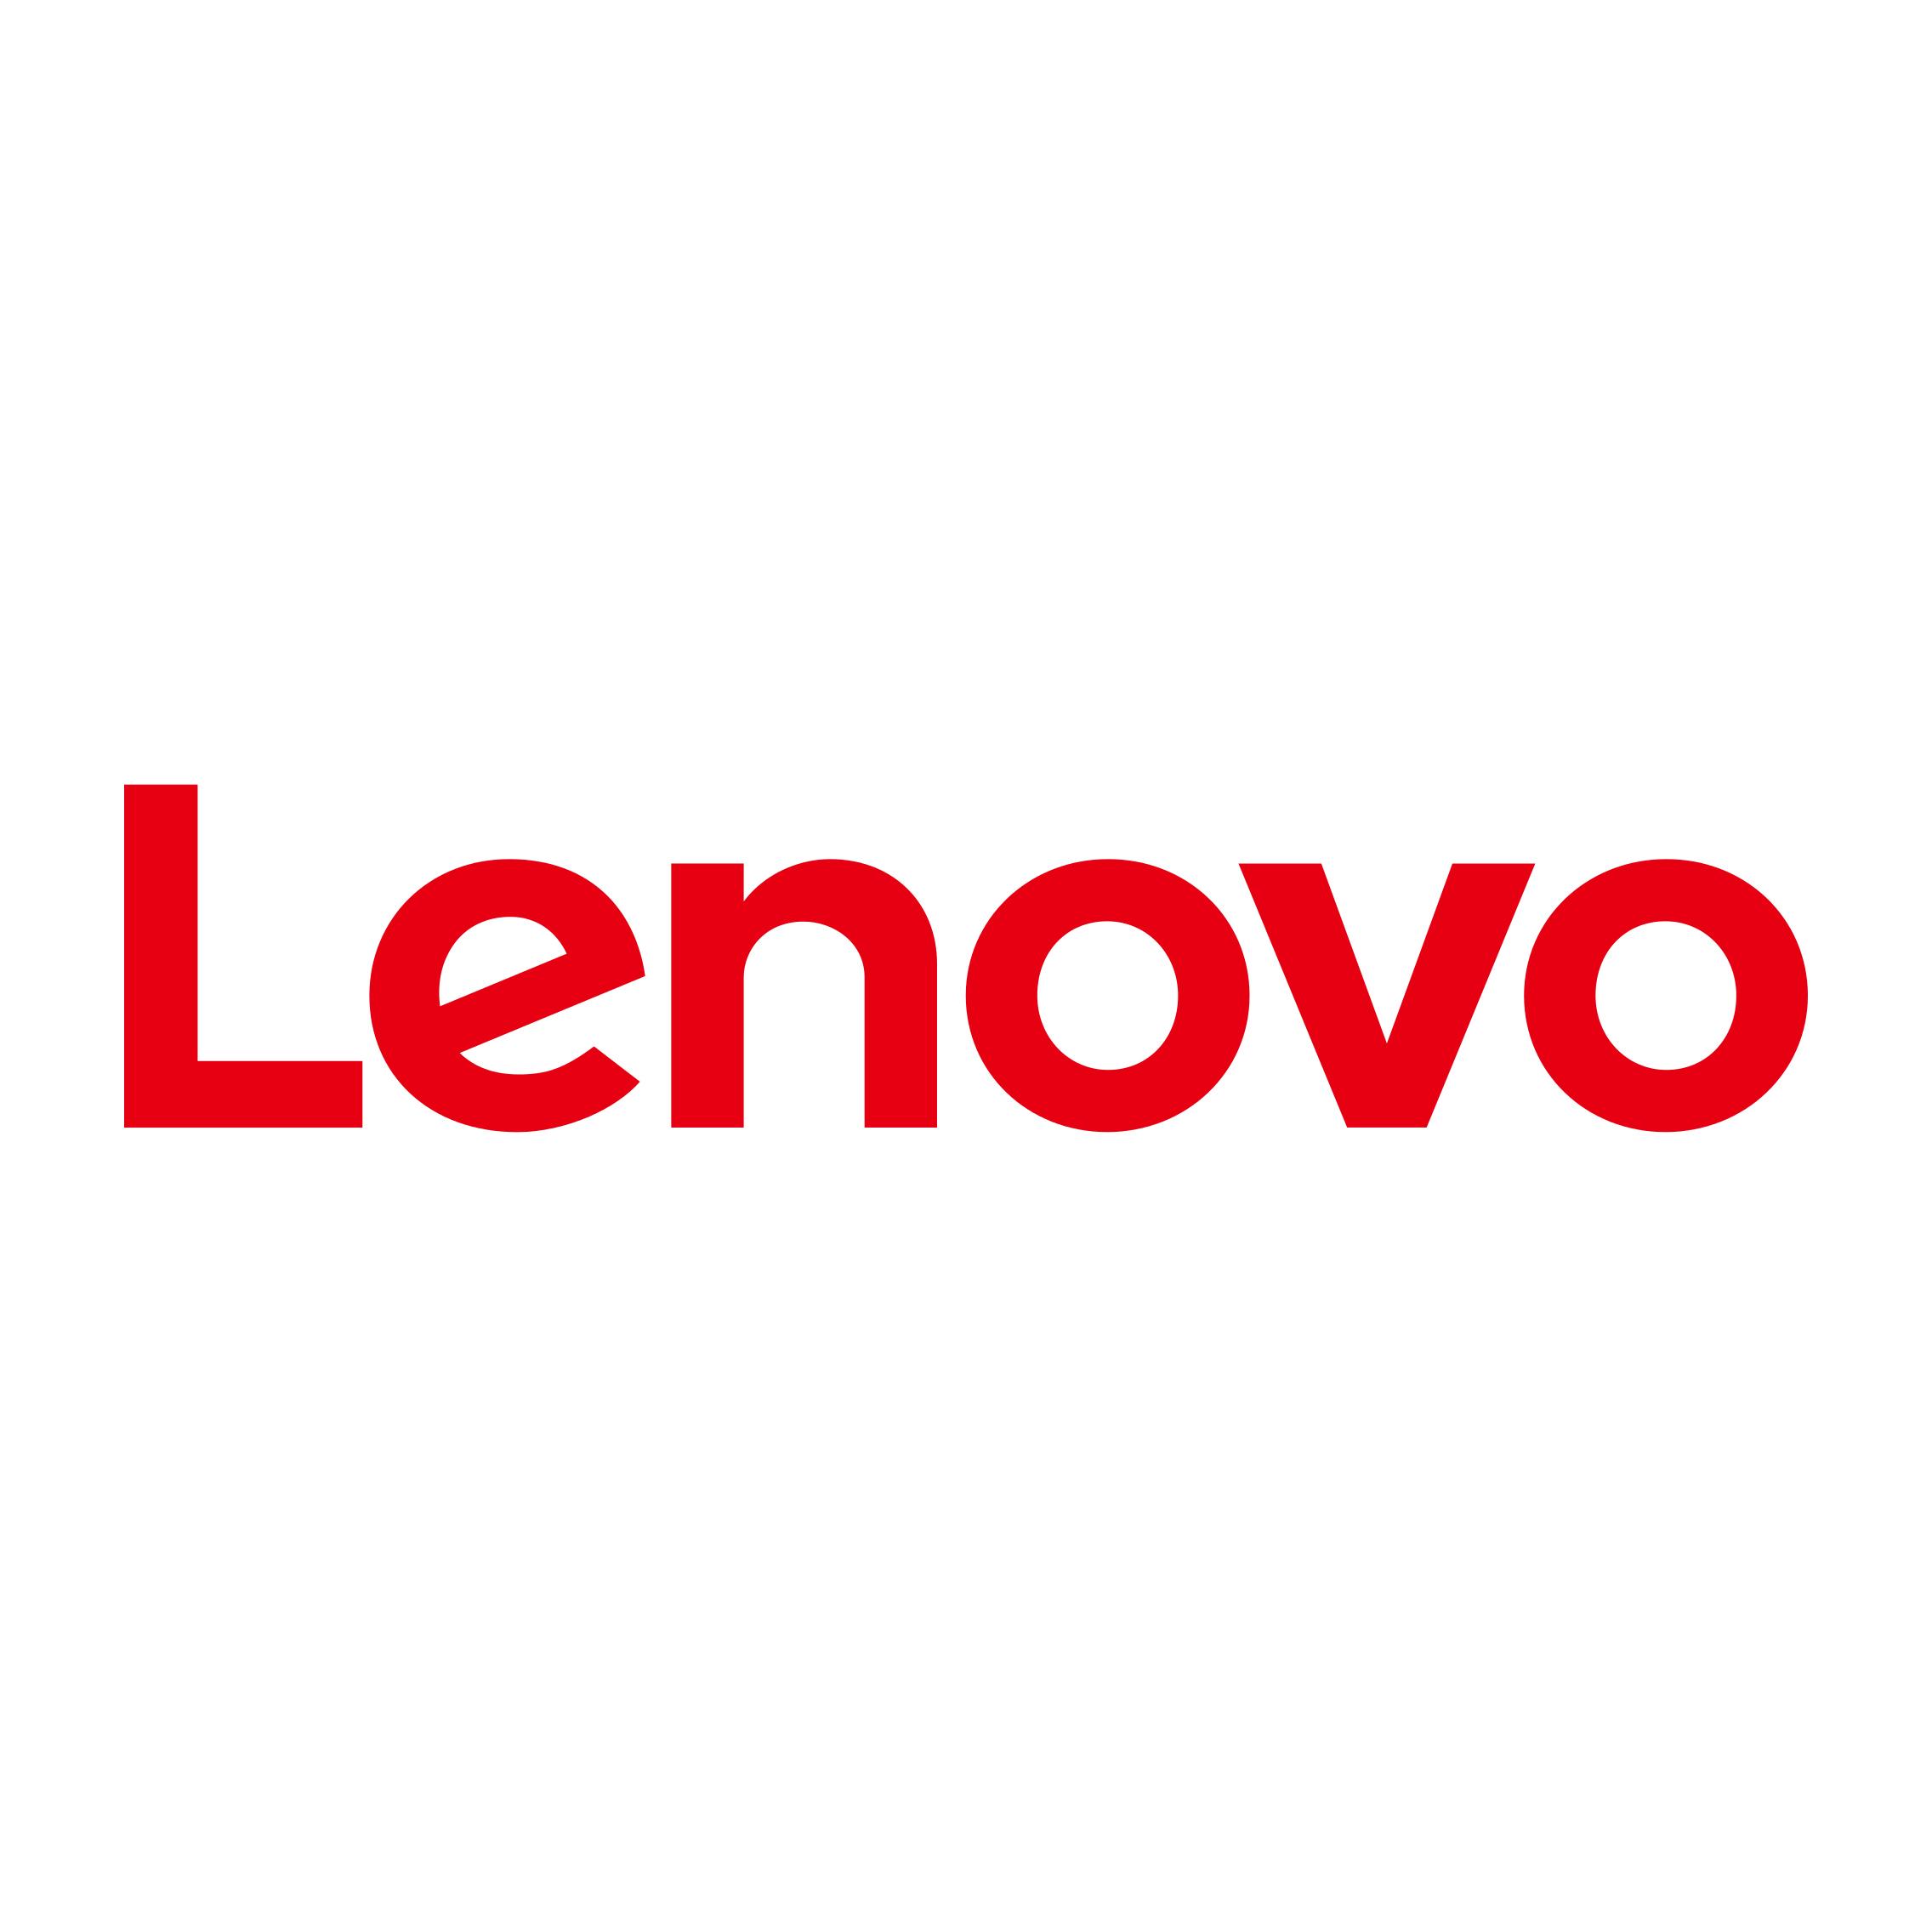 Lenovo-Emblem.jpg